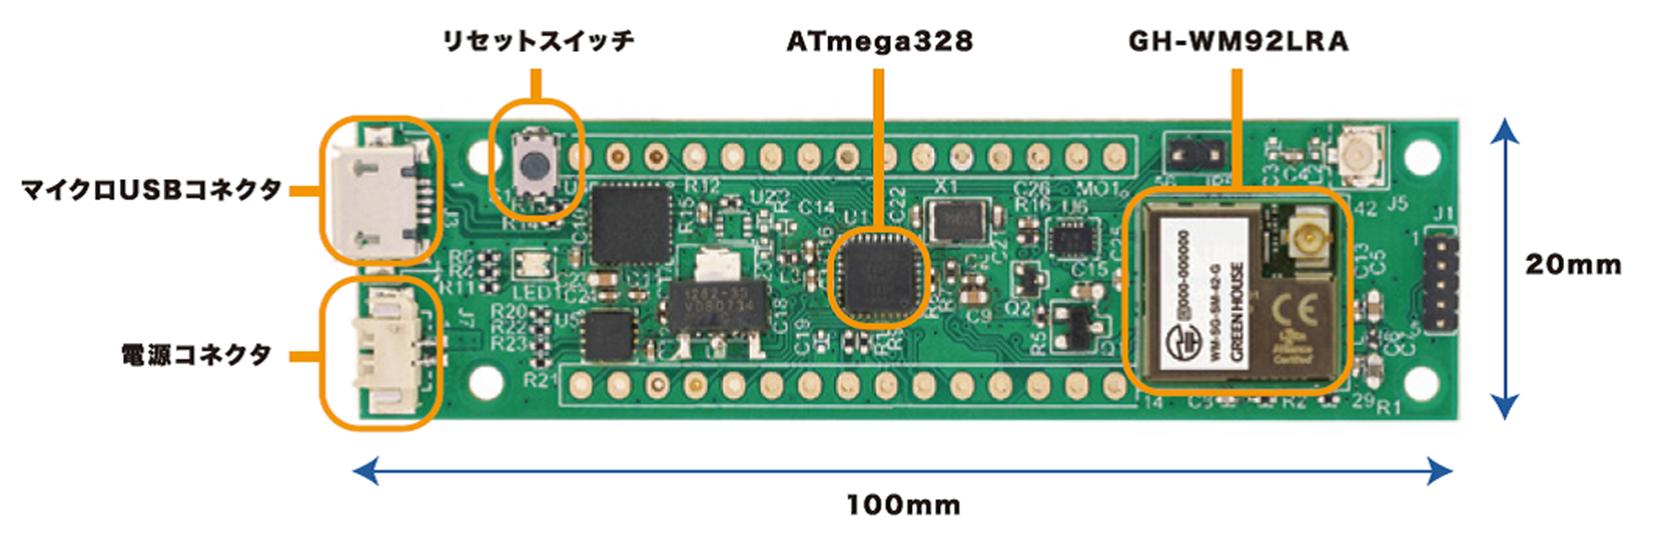 Arduinoで開発できるLoRaWAN通信チップとマイコンを搭載した国内初の評価用ボード